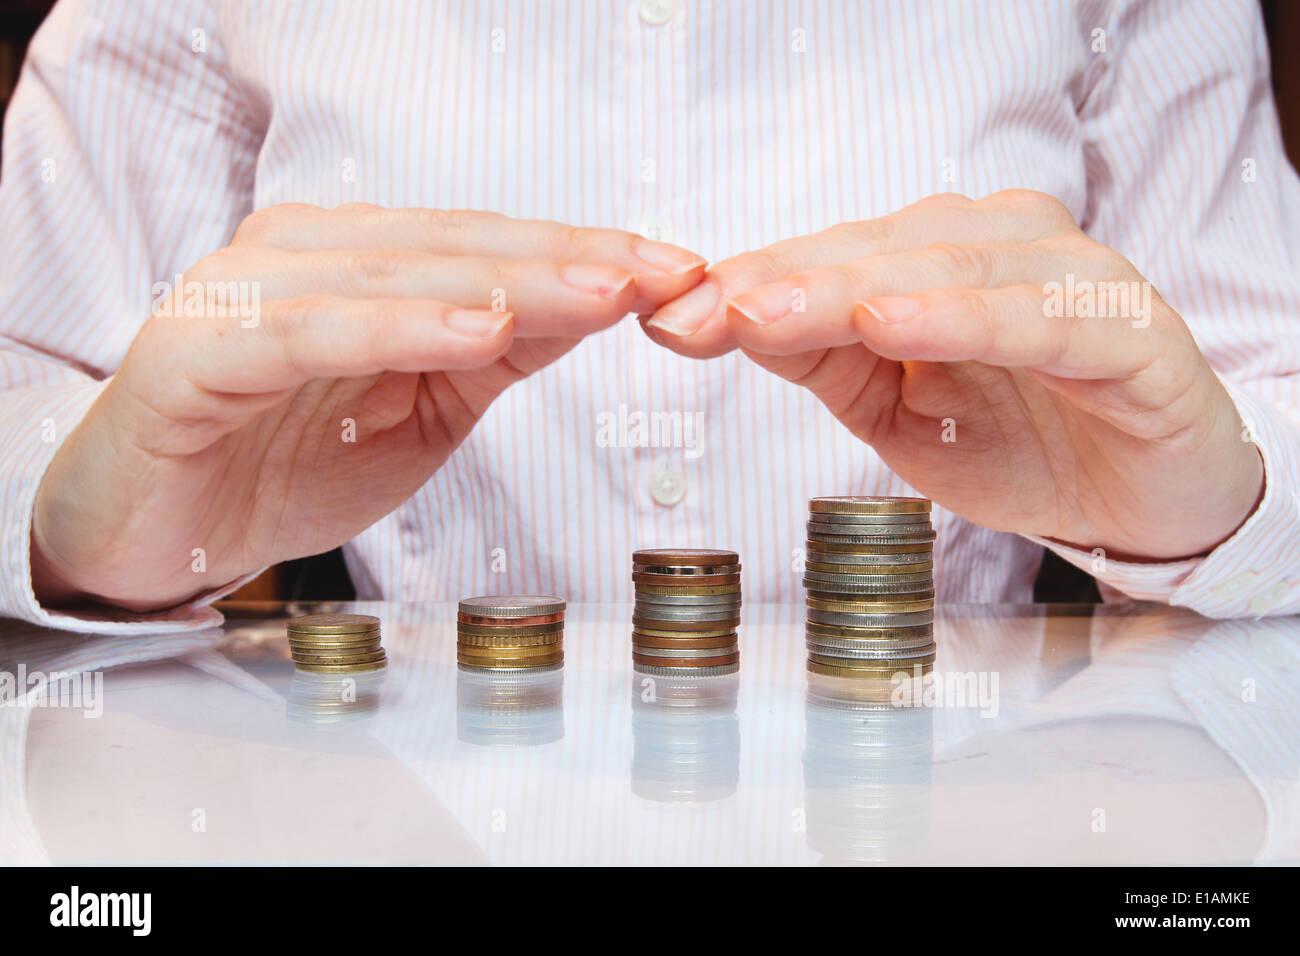 Investition, Bank, sparen und Geld Wachstumskonzept Stockbild